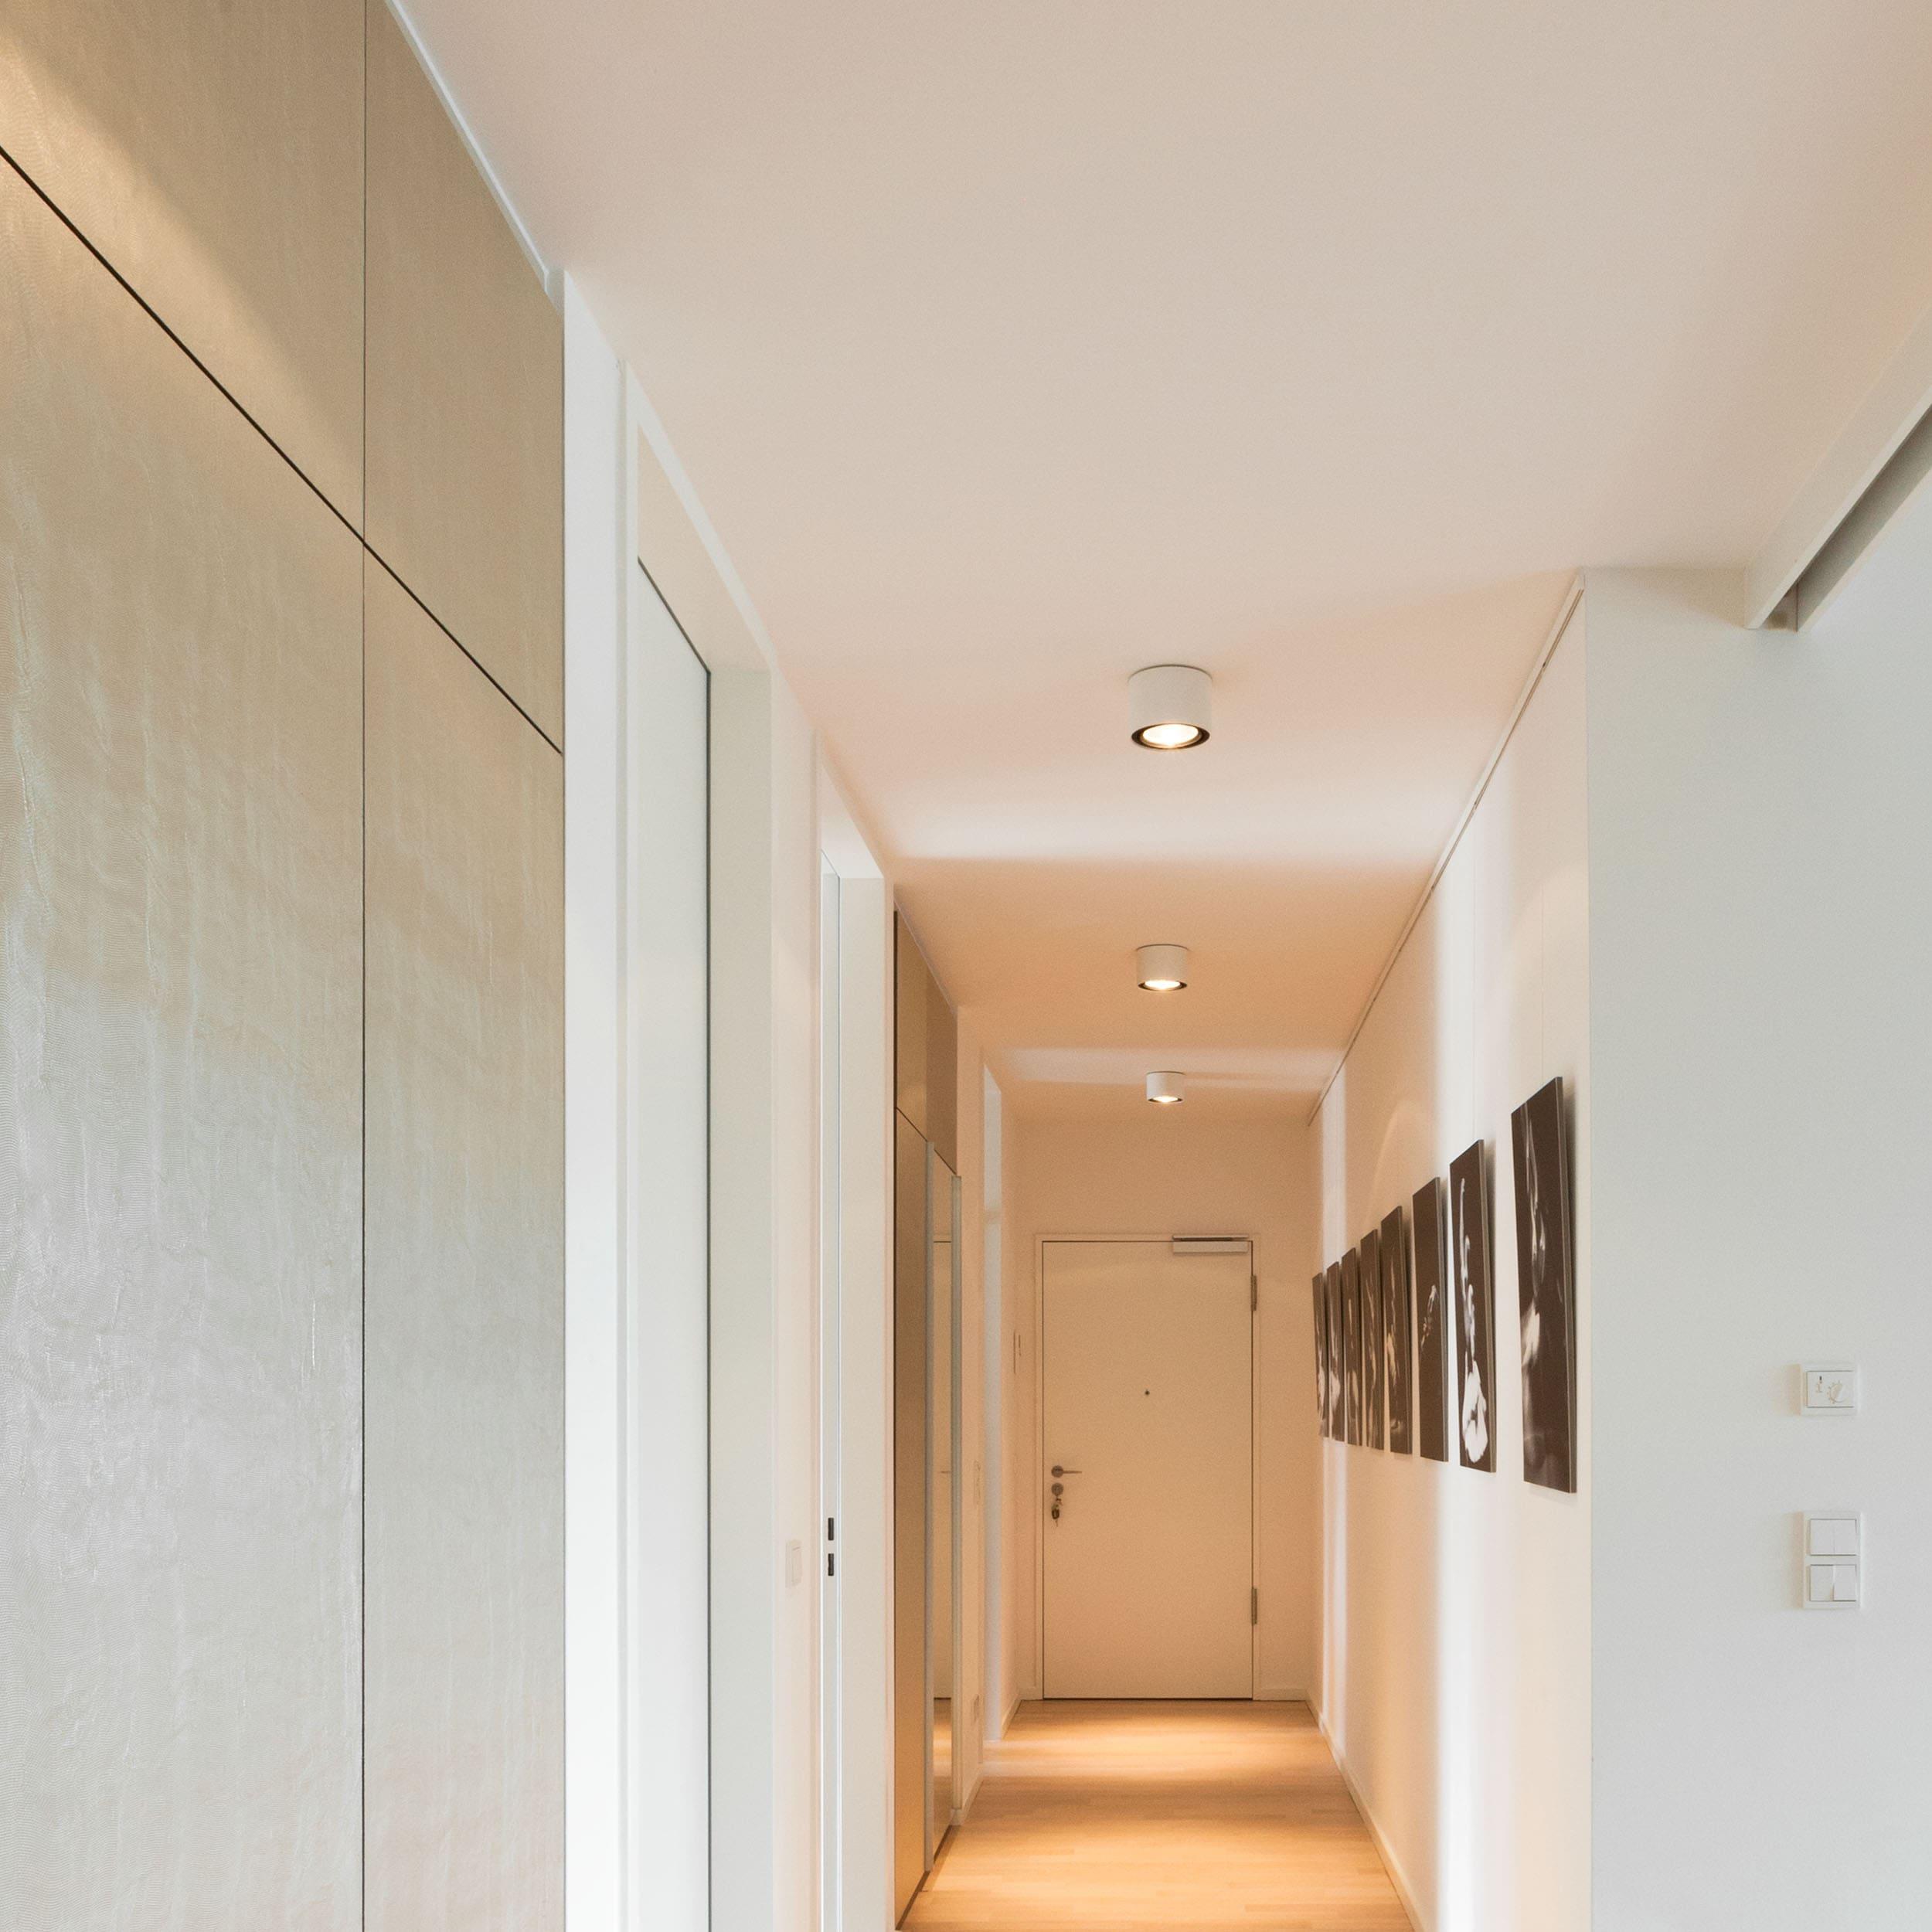 111er Niedervolt-LED Wand- und Deckenleuchte